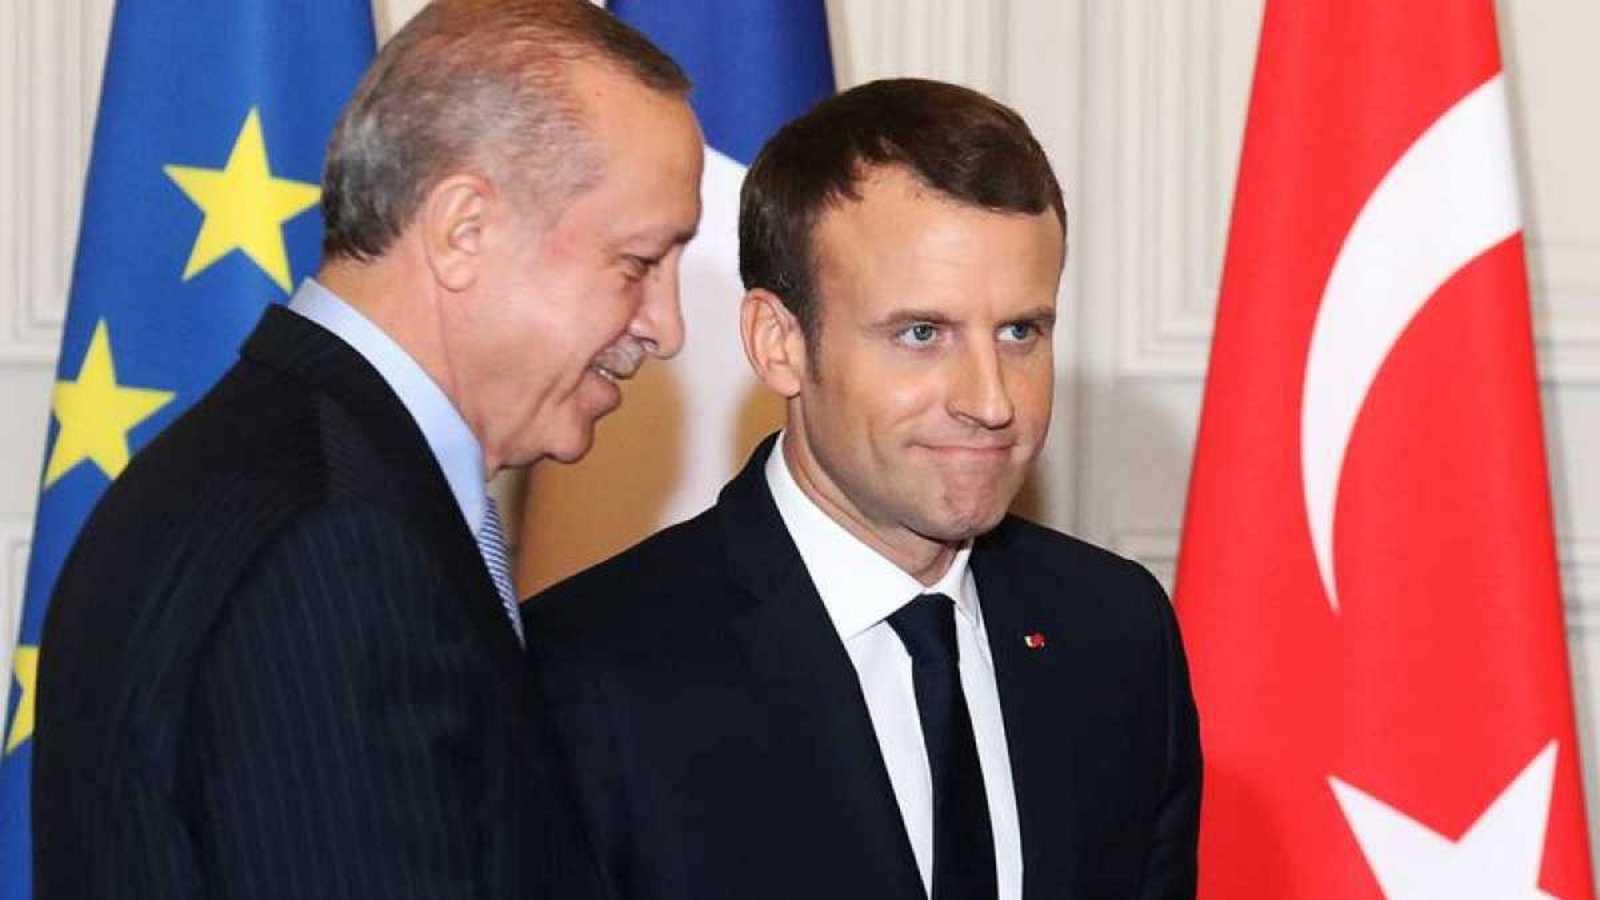 Reportajes 5 Continentes - Macron y Erdogan, dos rivales en el Mediterráneo Oriental - Escuchar ahora